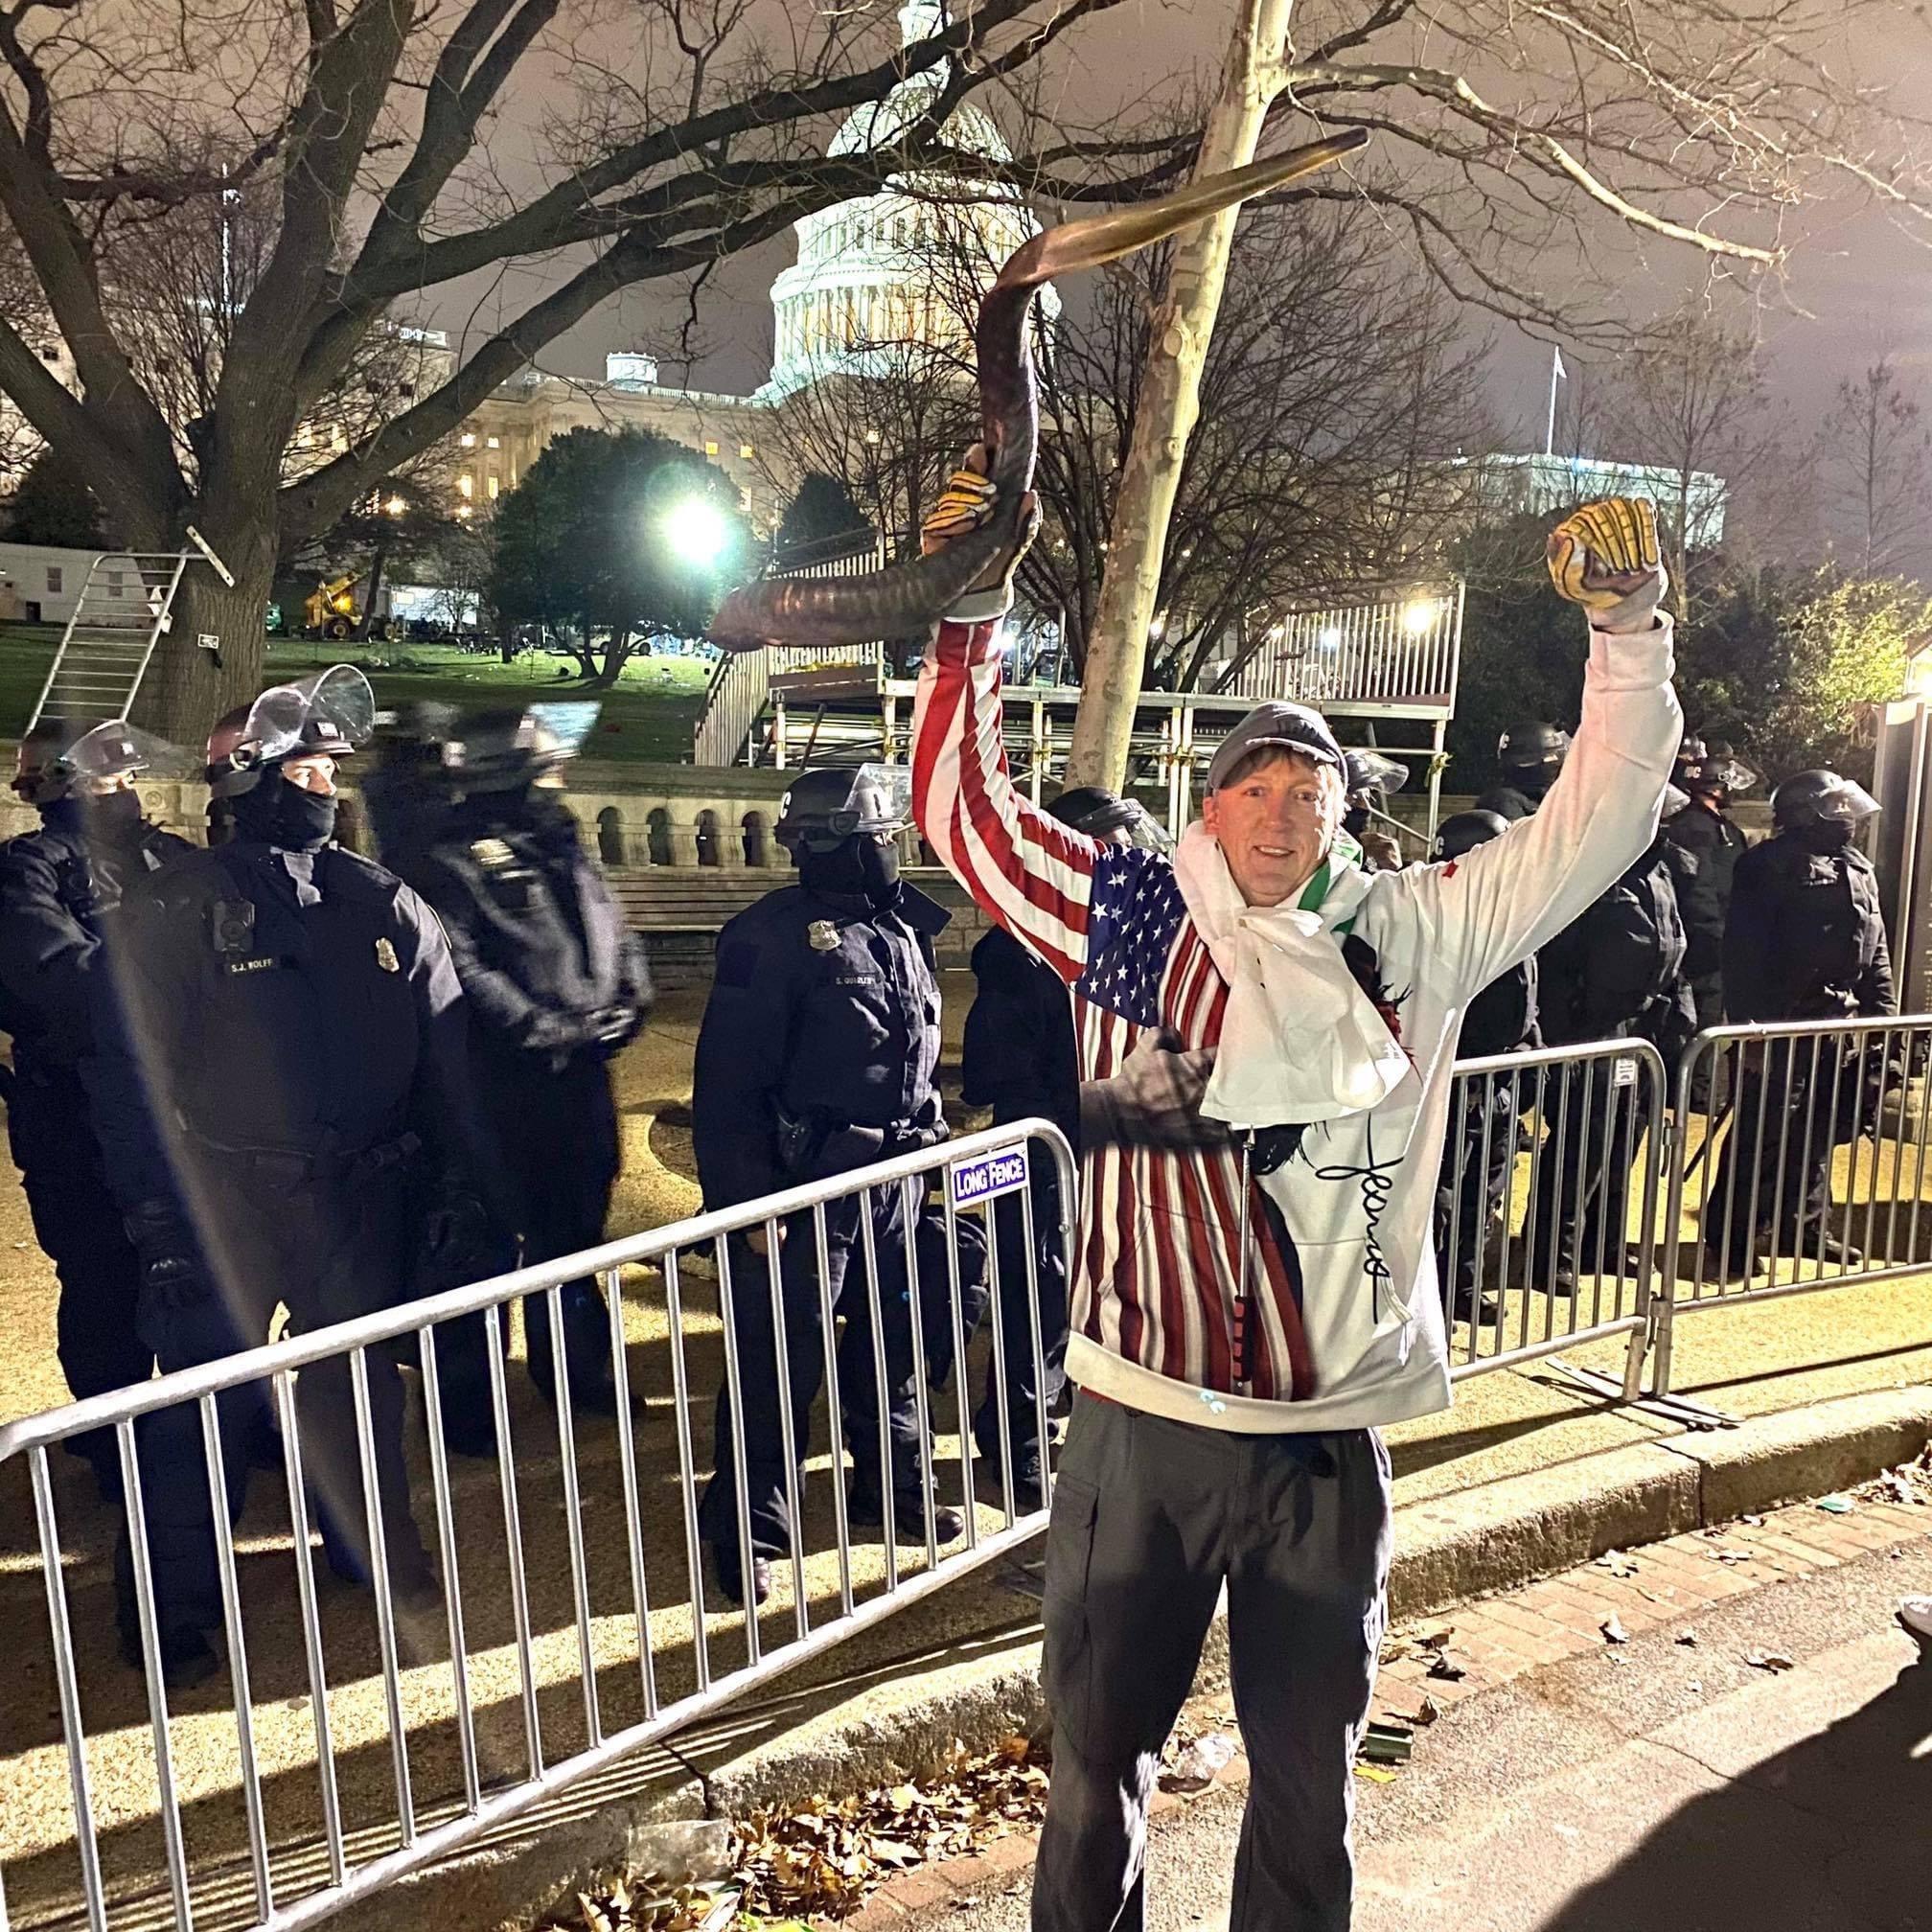 Wood posa eufórico brazos en alto junto a la policía con el Capitolio al fondo.